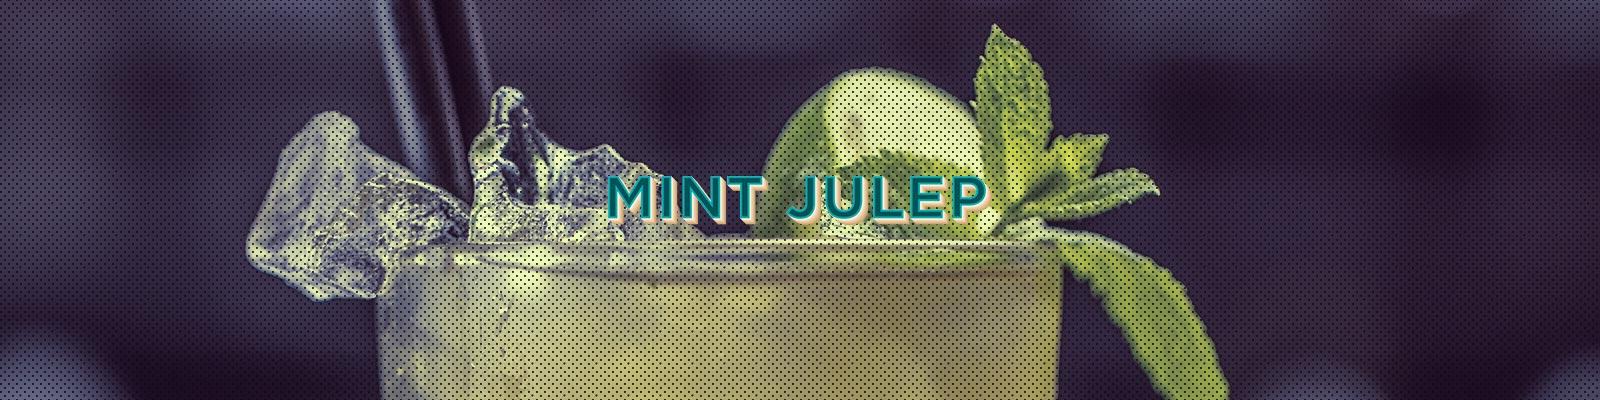 Mint Julep